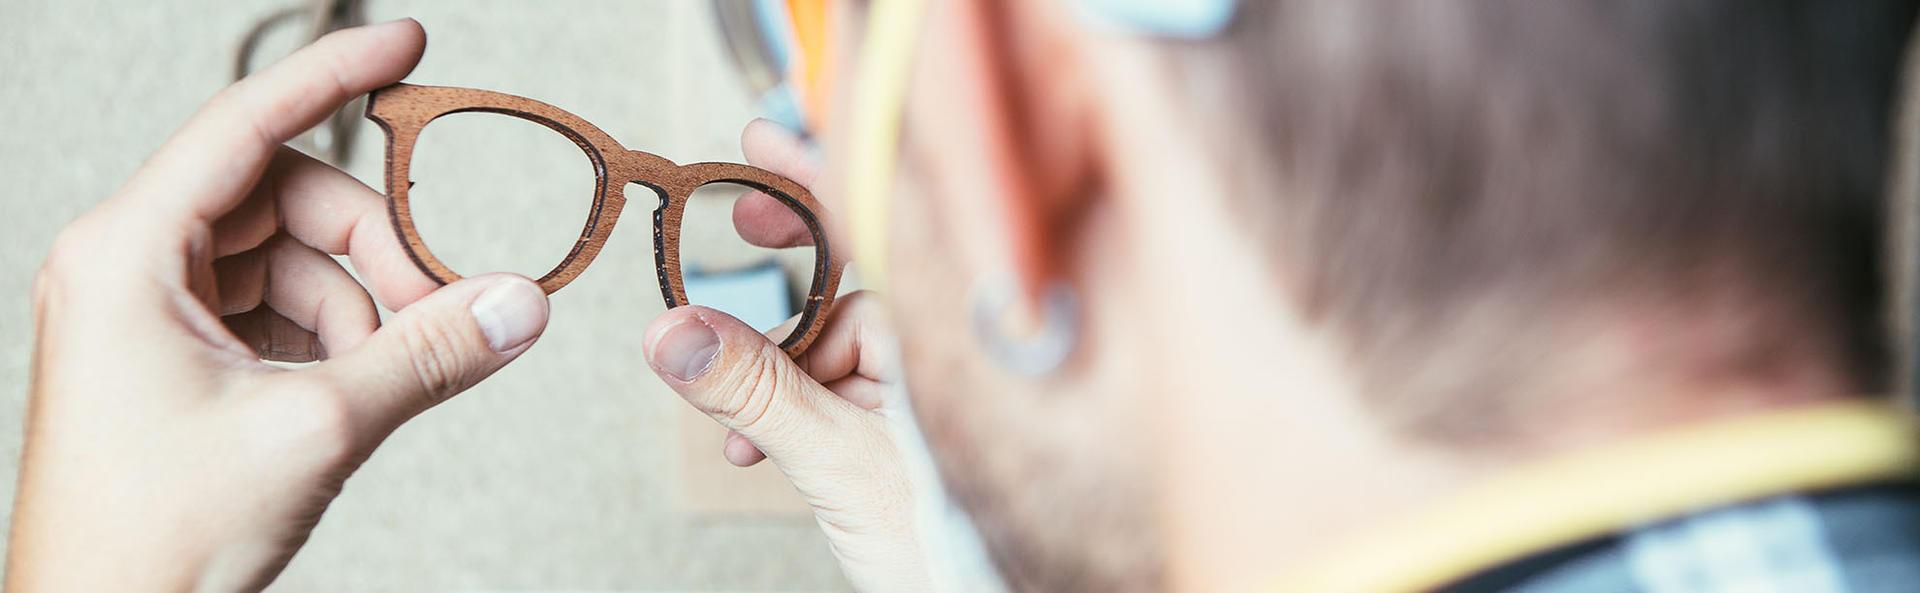 Realizzazione di occhiali al momento